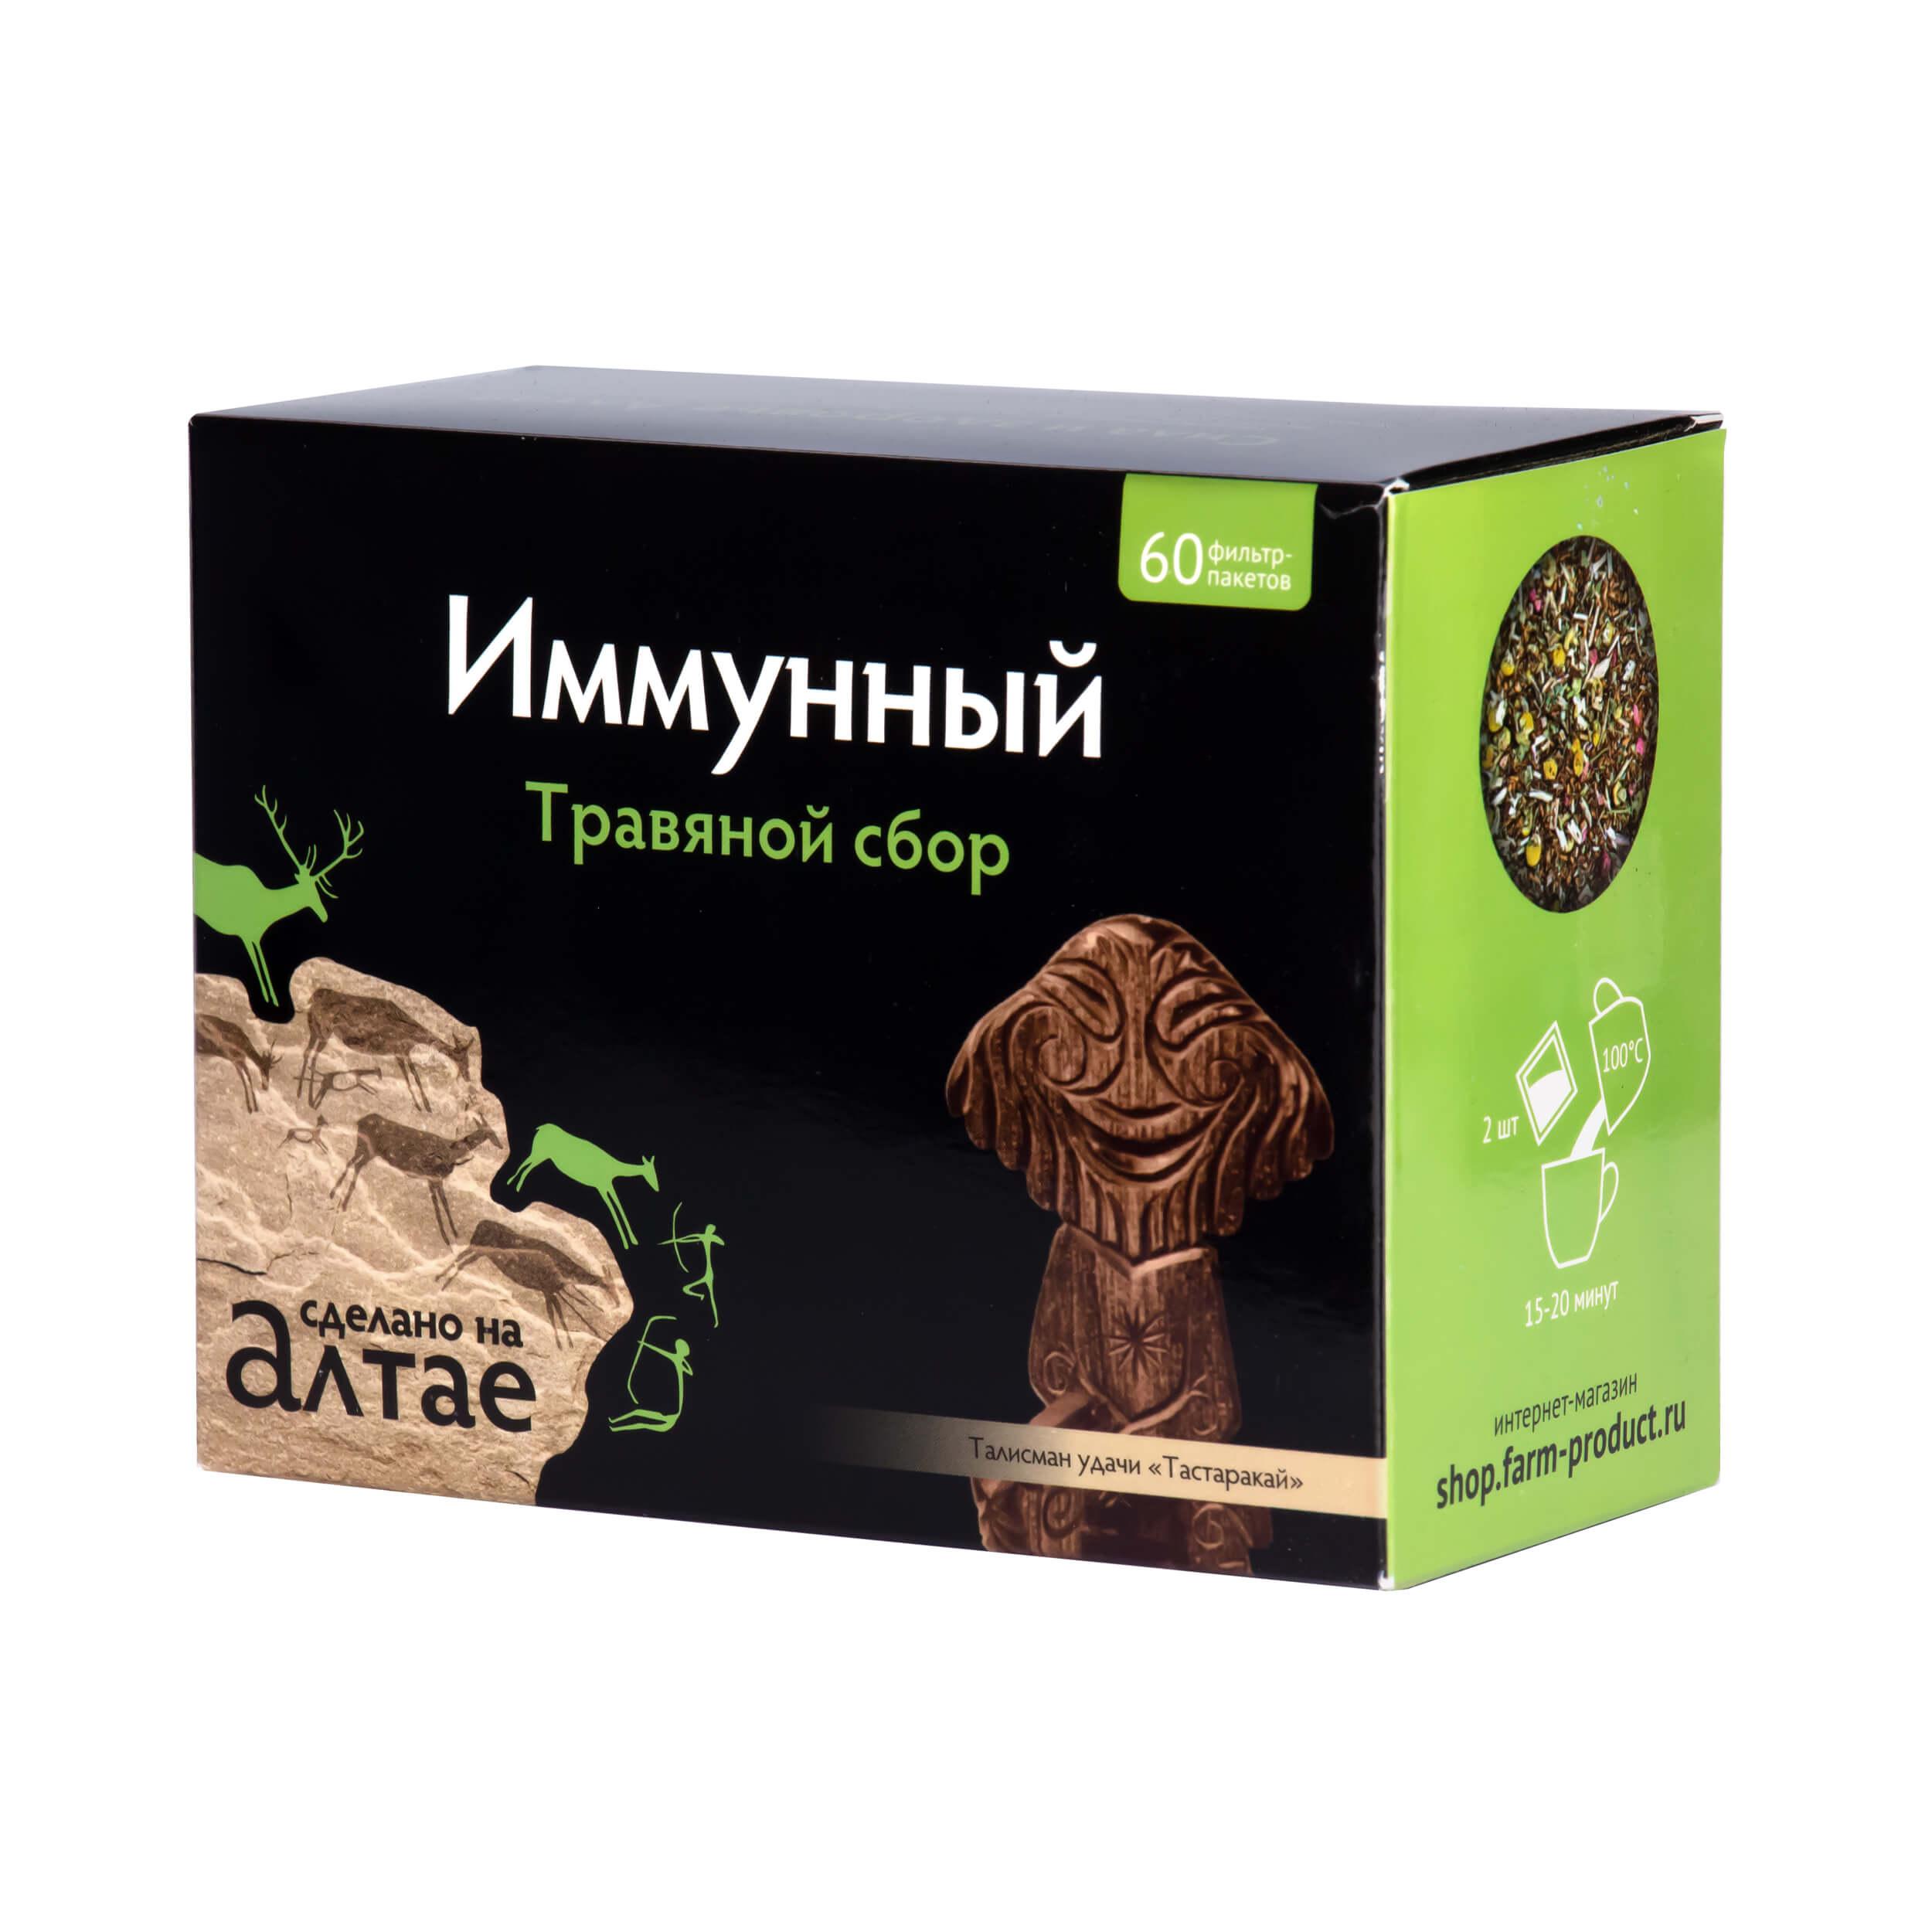 Сбор травяной Иммунный (60 фильтр пакетов) фото